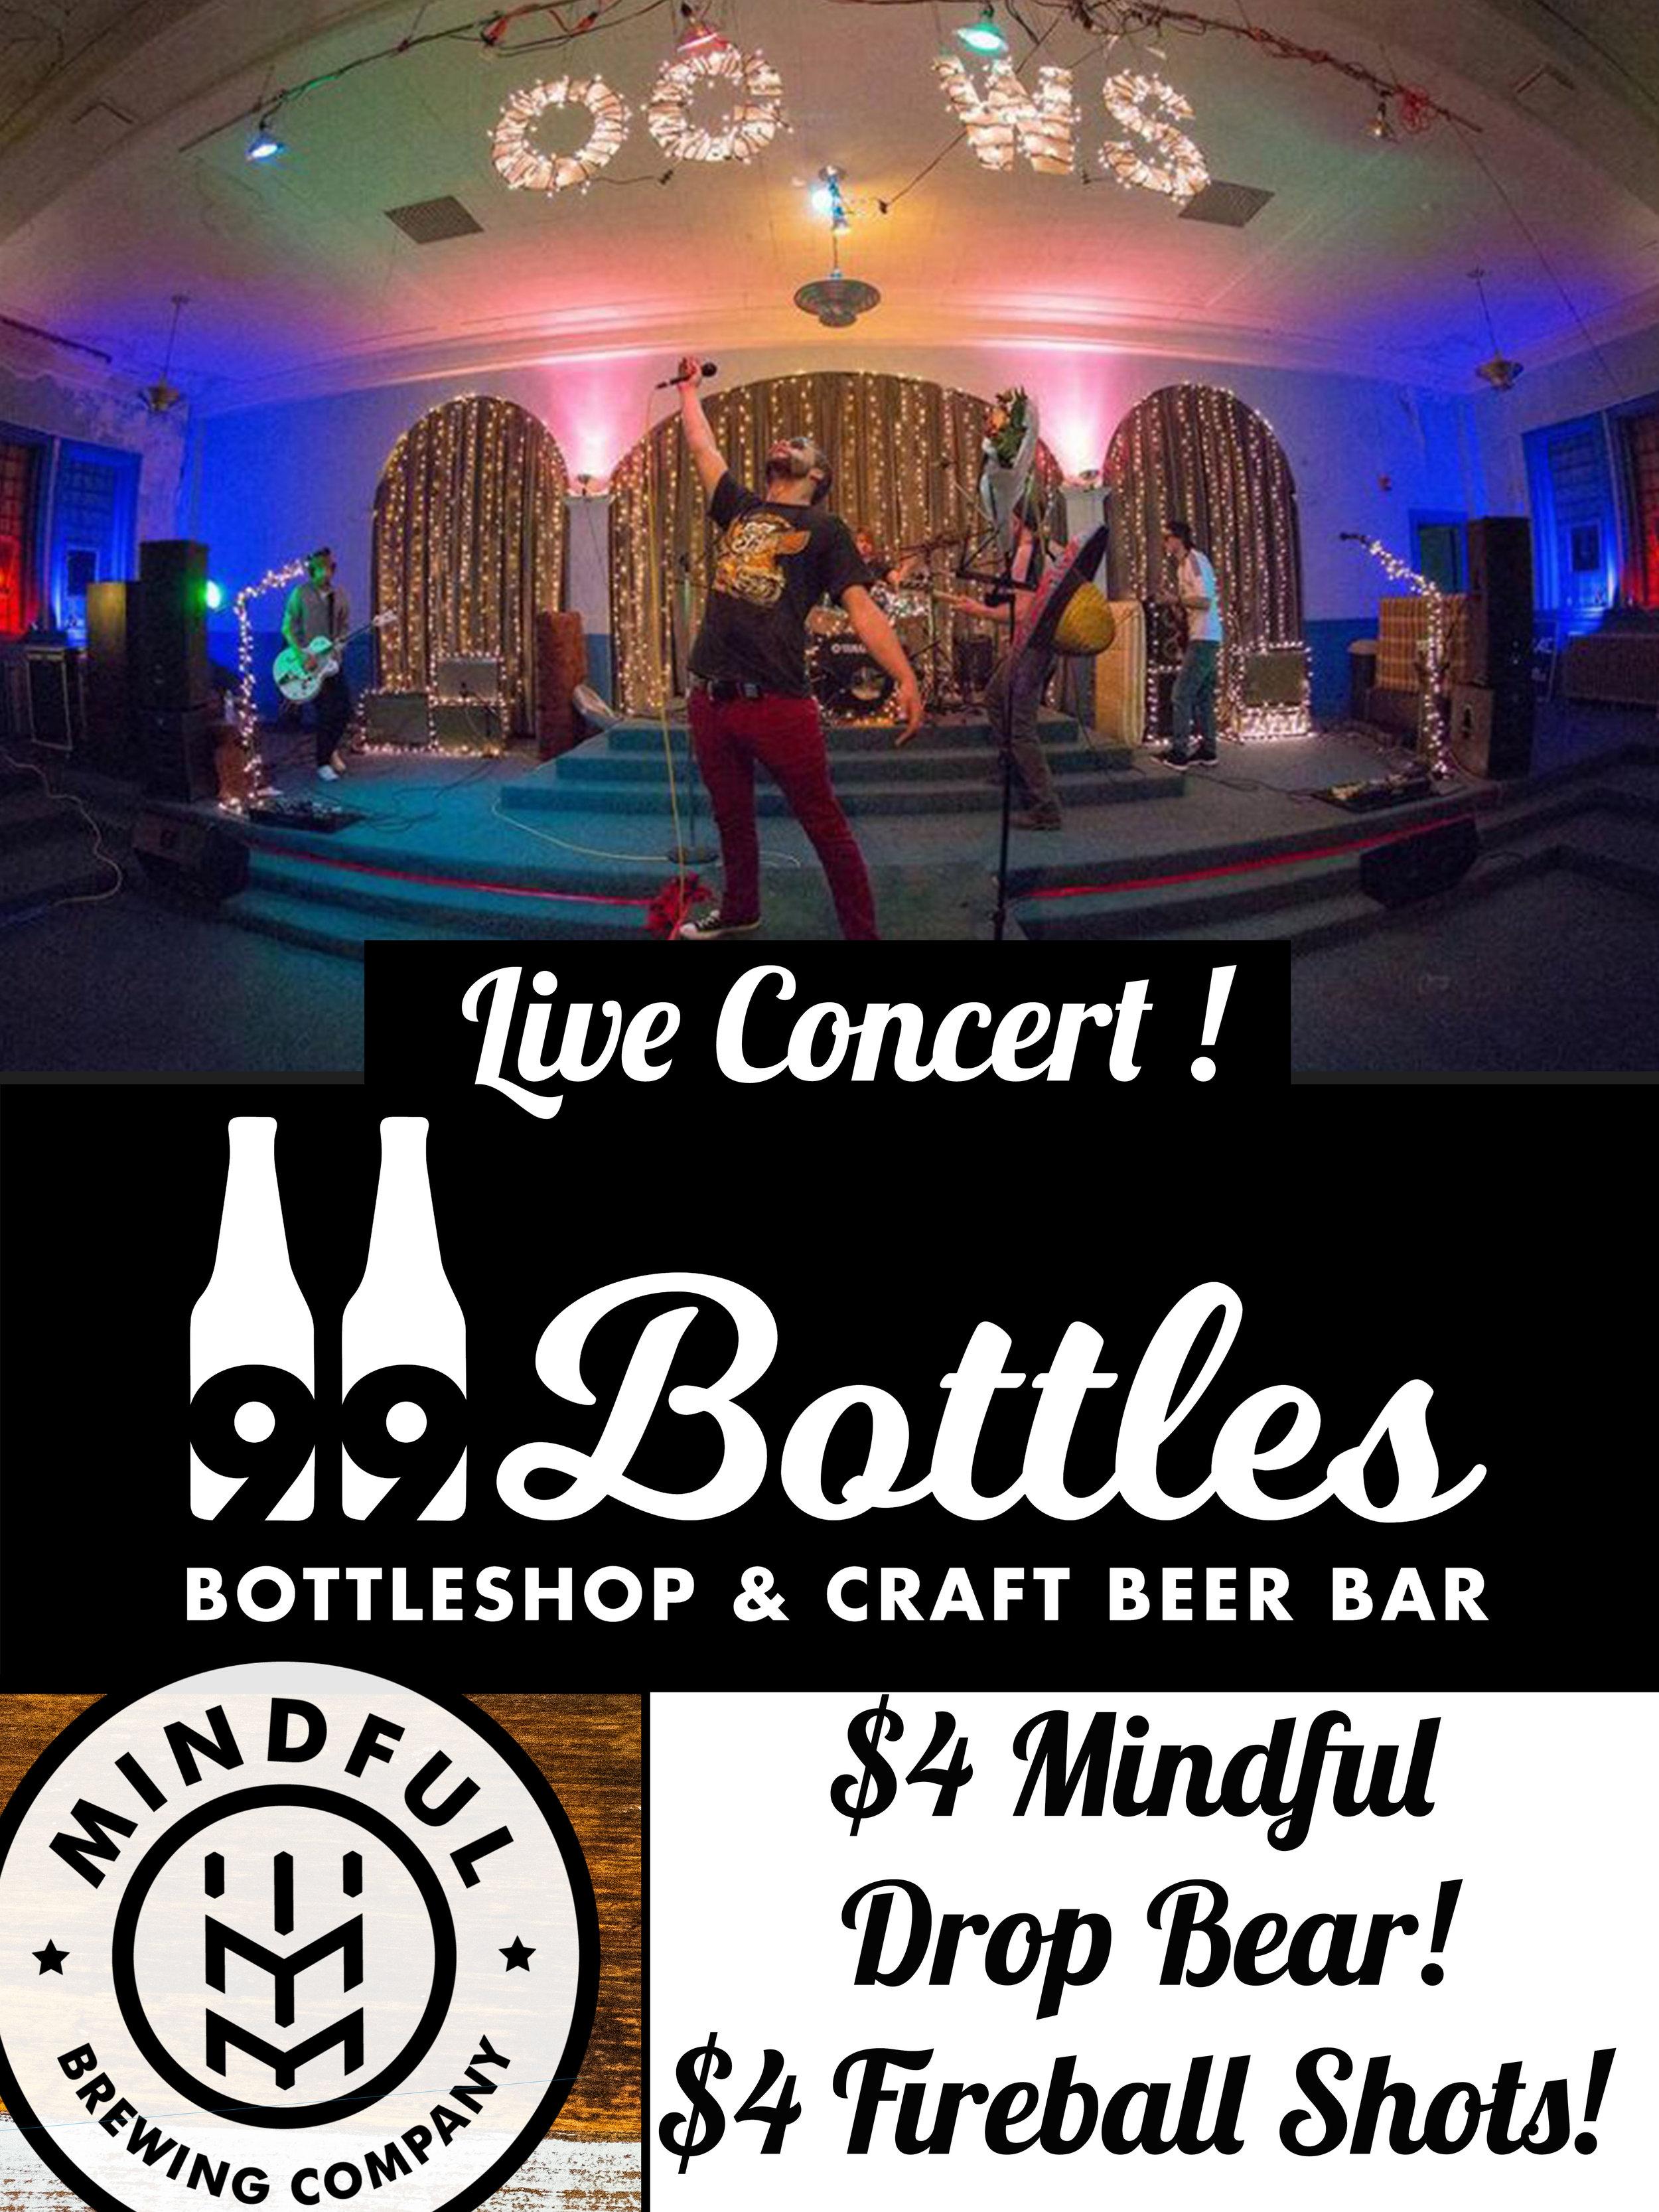 99-bottles-concert-flyer-.jpg